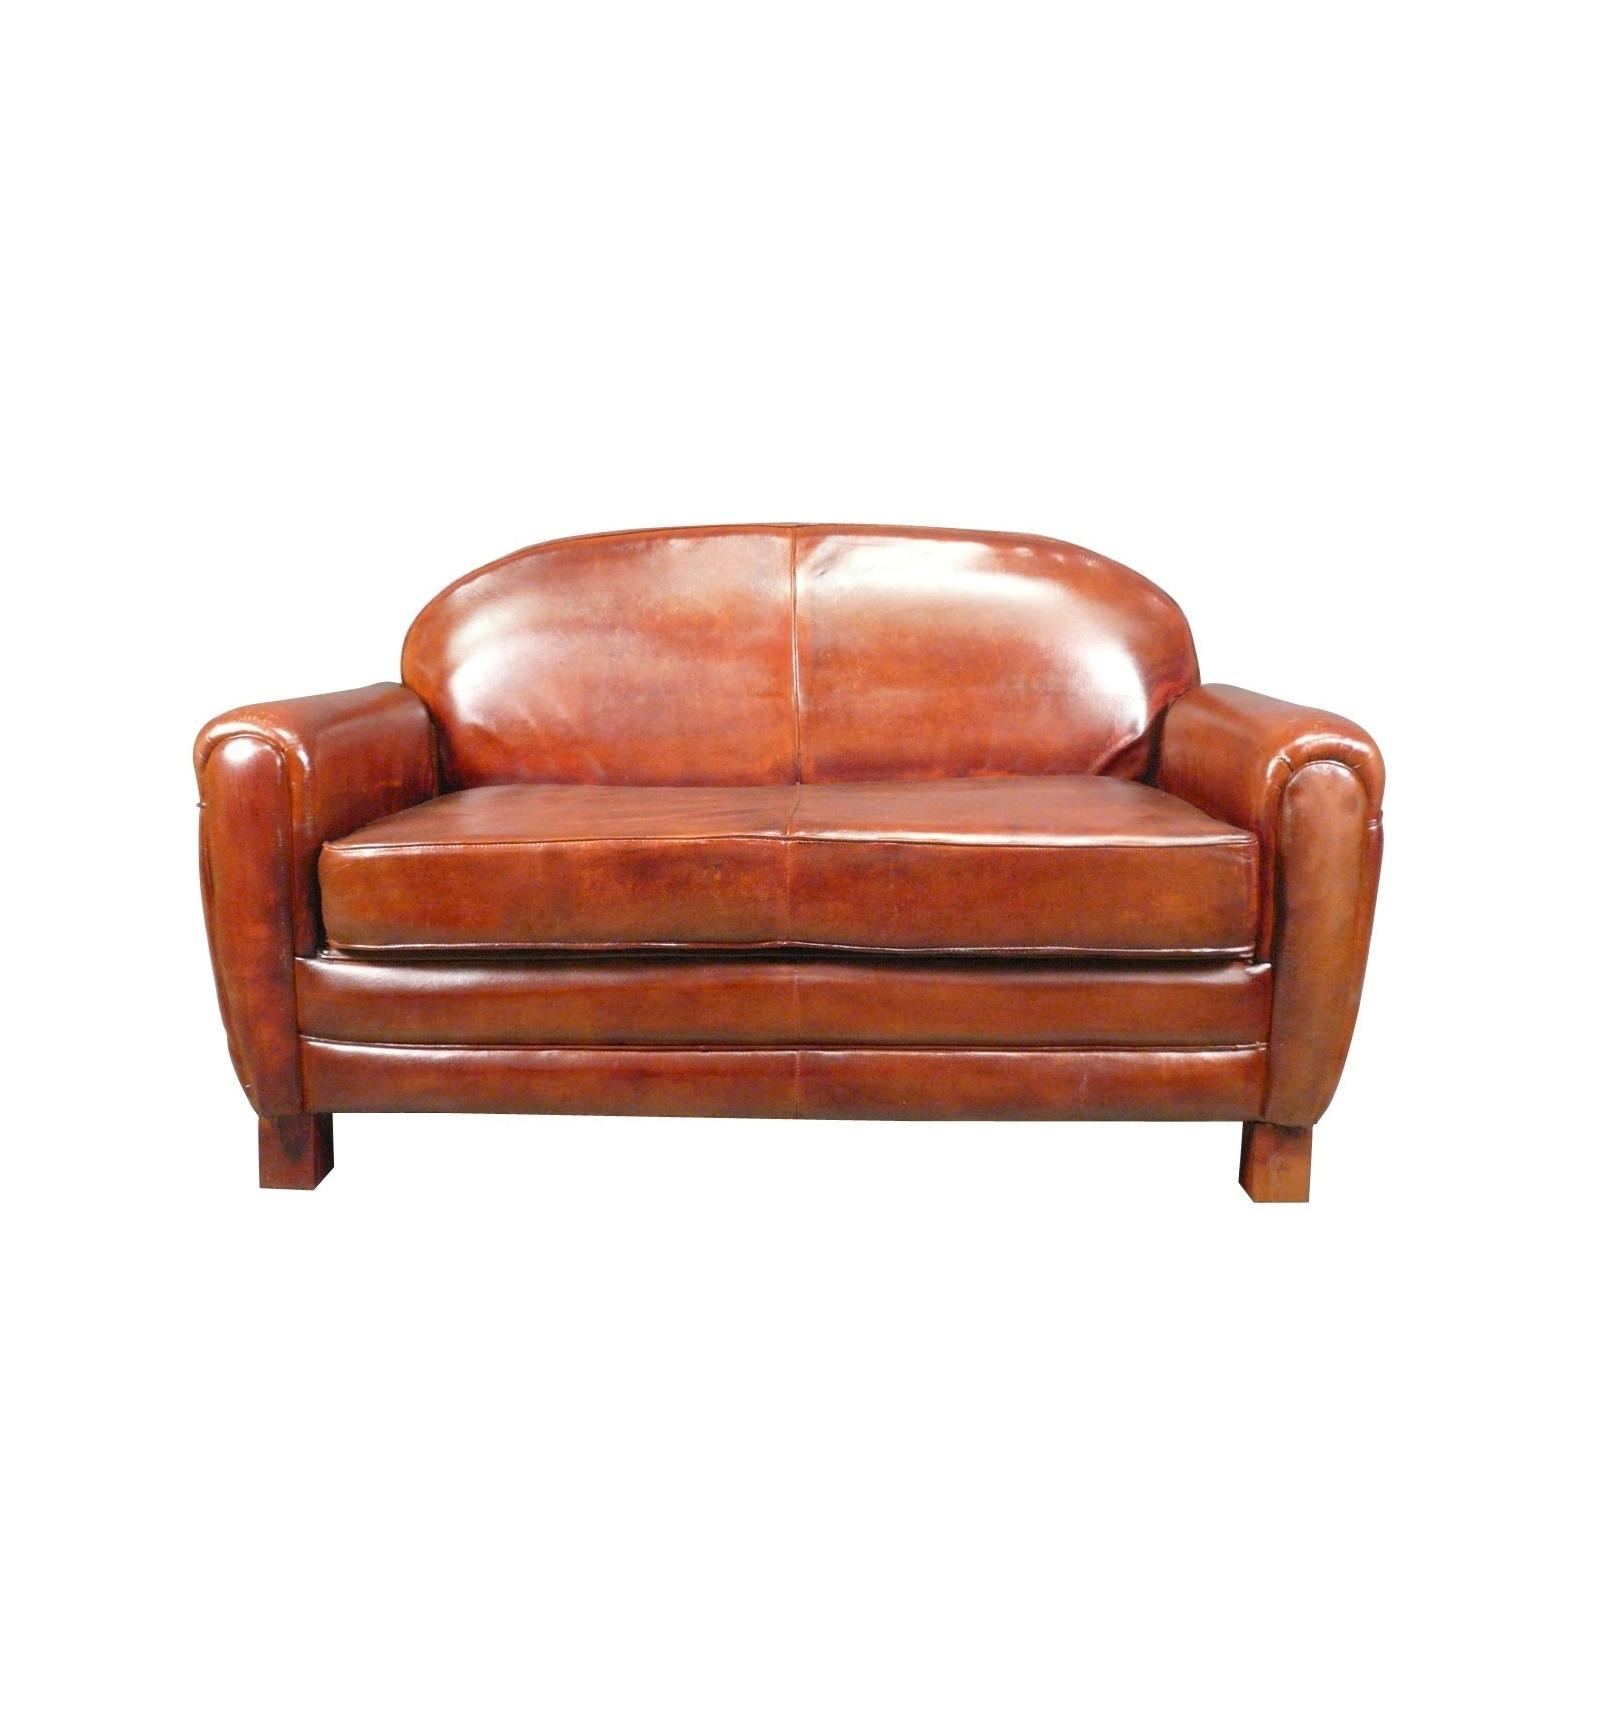 fauteuil croute de cuir maison design. Black Bedroom Furniture Sets. Home Design Ideas